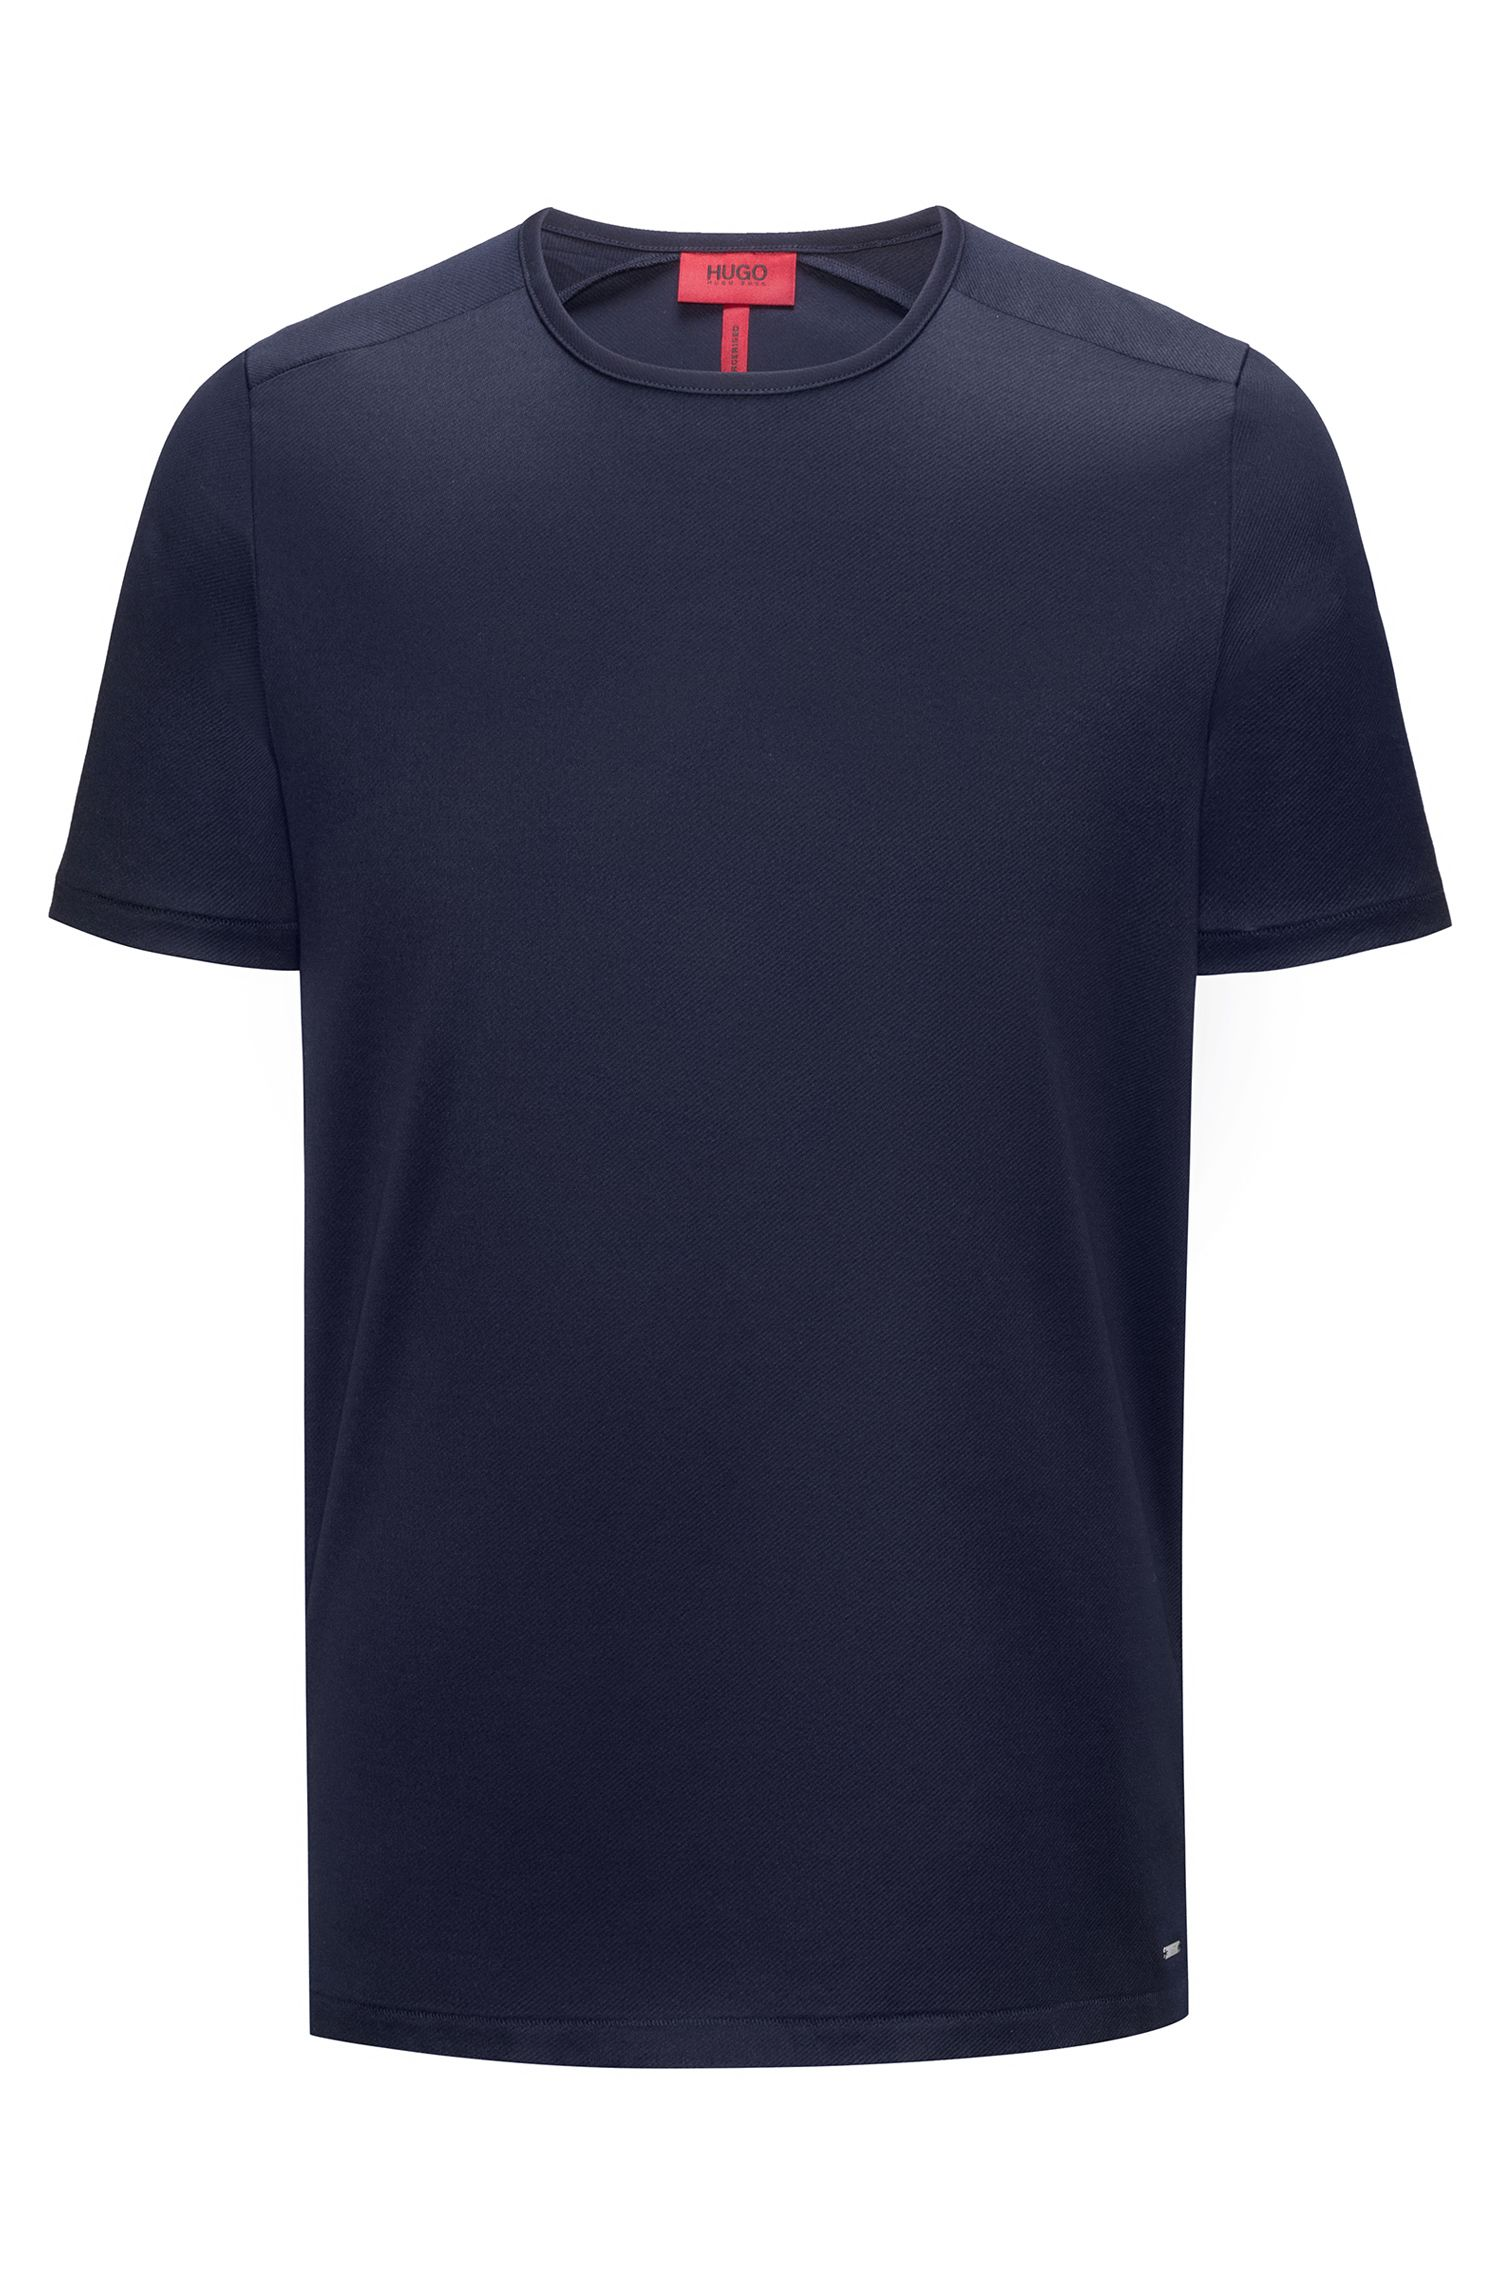 T-shirt a girocollo in twill di cotone intrecciato mercerizzato